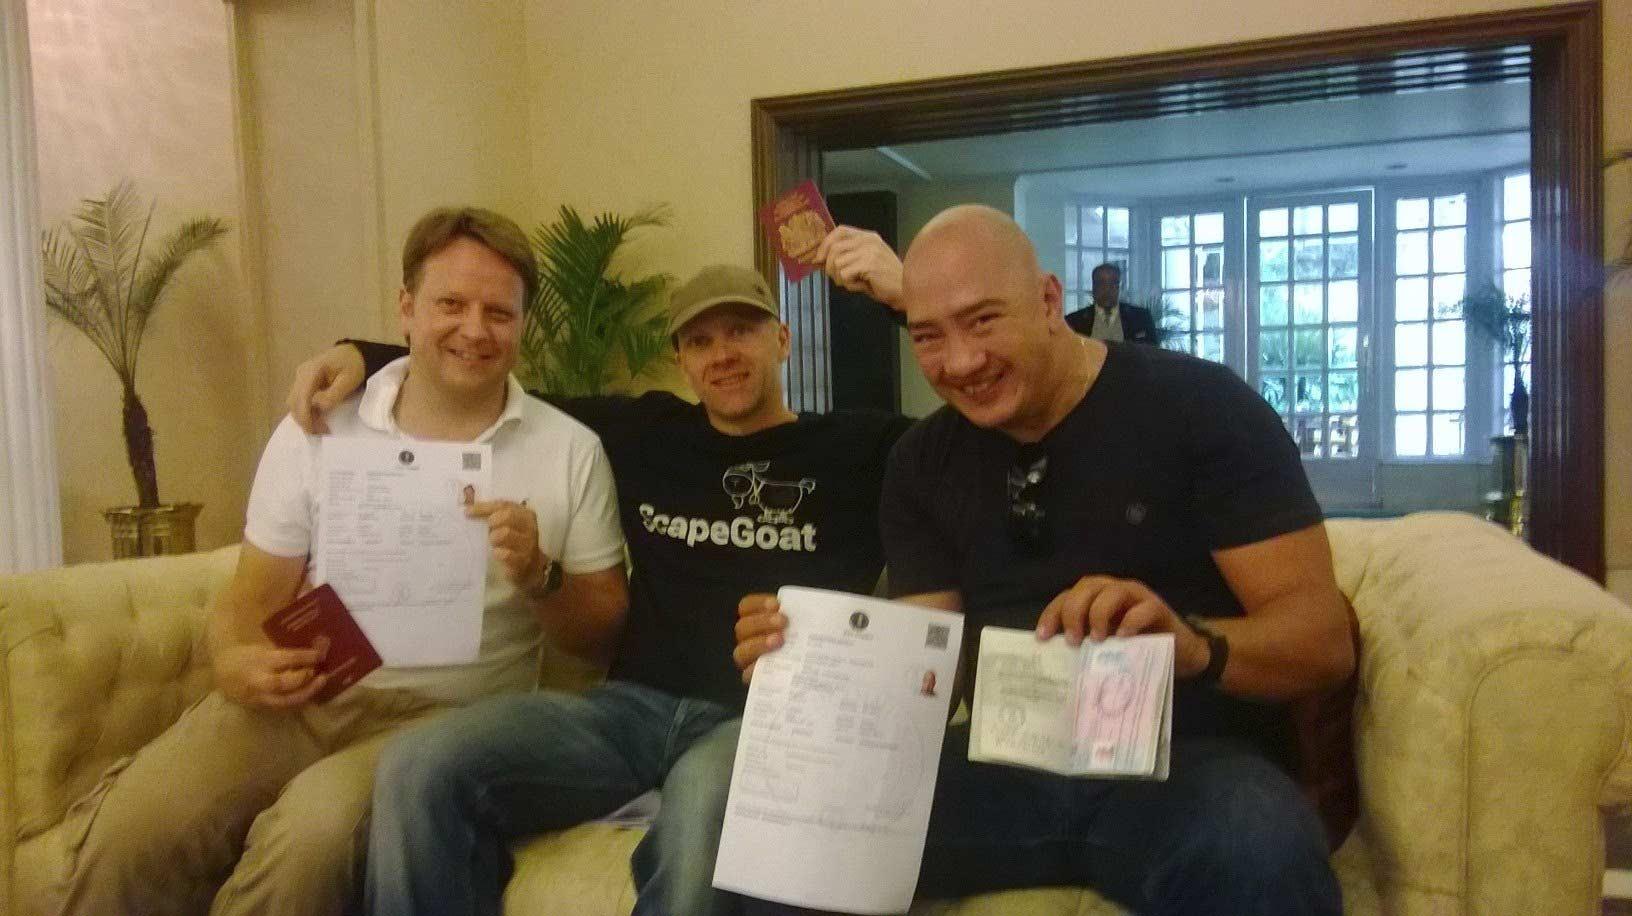 Ils sont libres ! Les 3 derniers membres retenus en Inde de l'équipe de Pékin Express ont récupérés leur passeport !